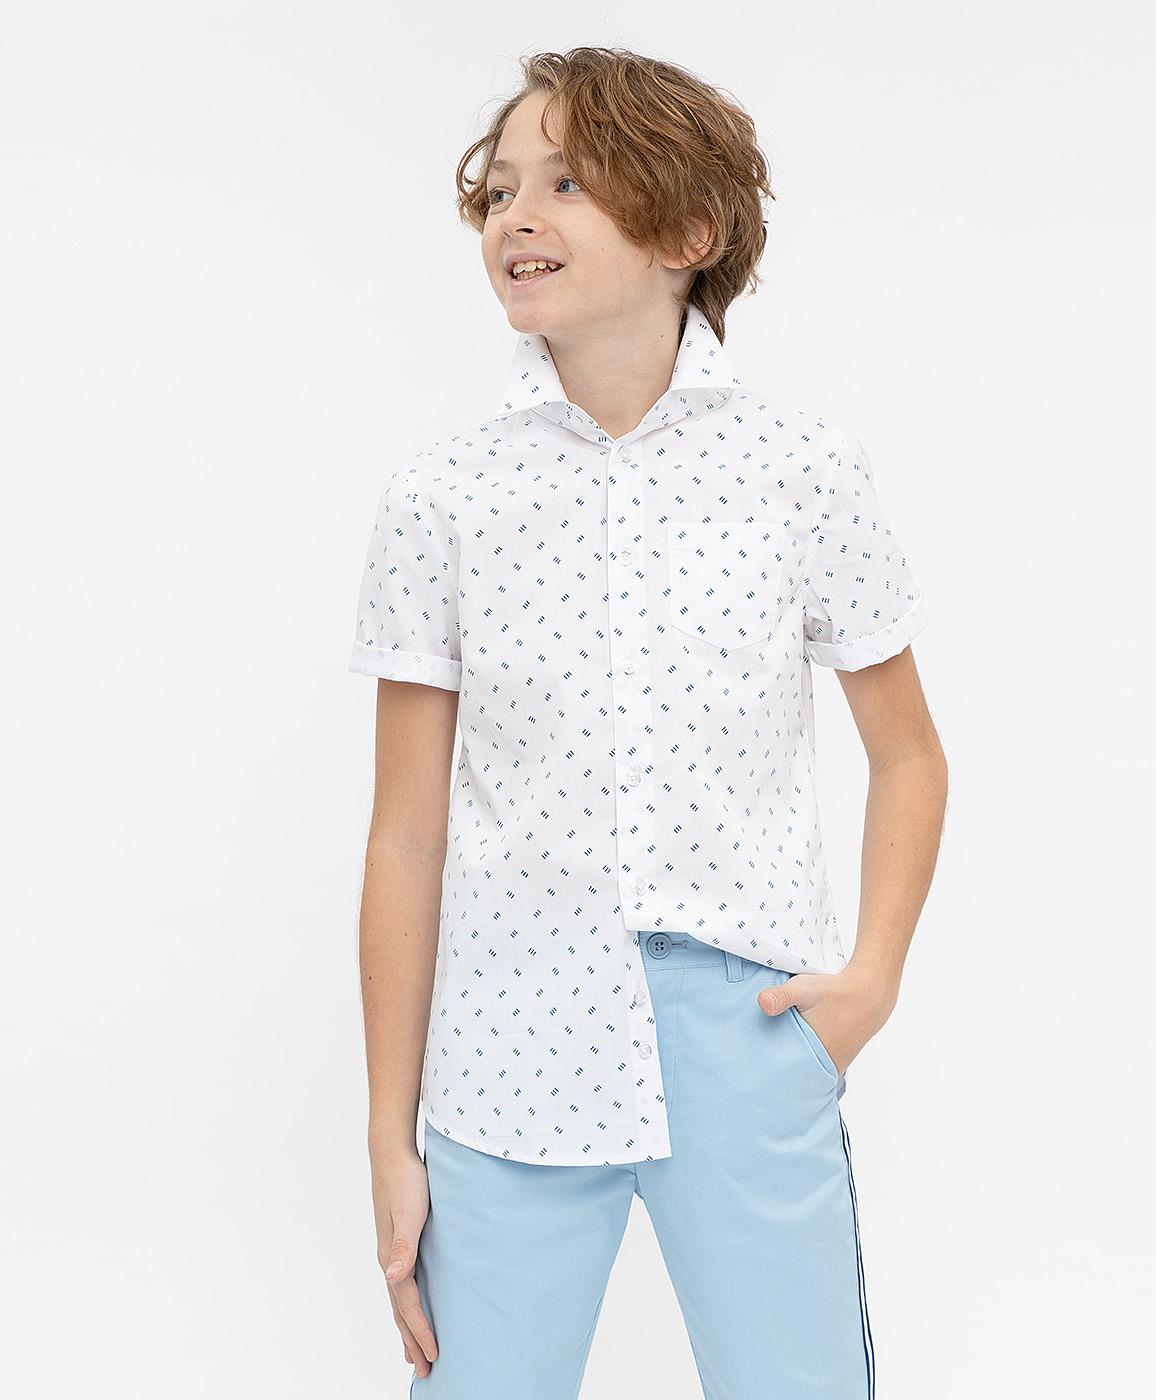 Купить 120BBBP23040213, Белая нарядная рубашка с коротким рукавом Button Blue, белый, 104, Мужской, ВЕСНА/ЛЕТО 2020 (shop: GulliverMarket Gulliver Market)